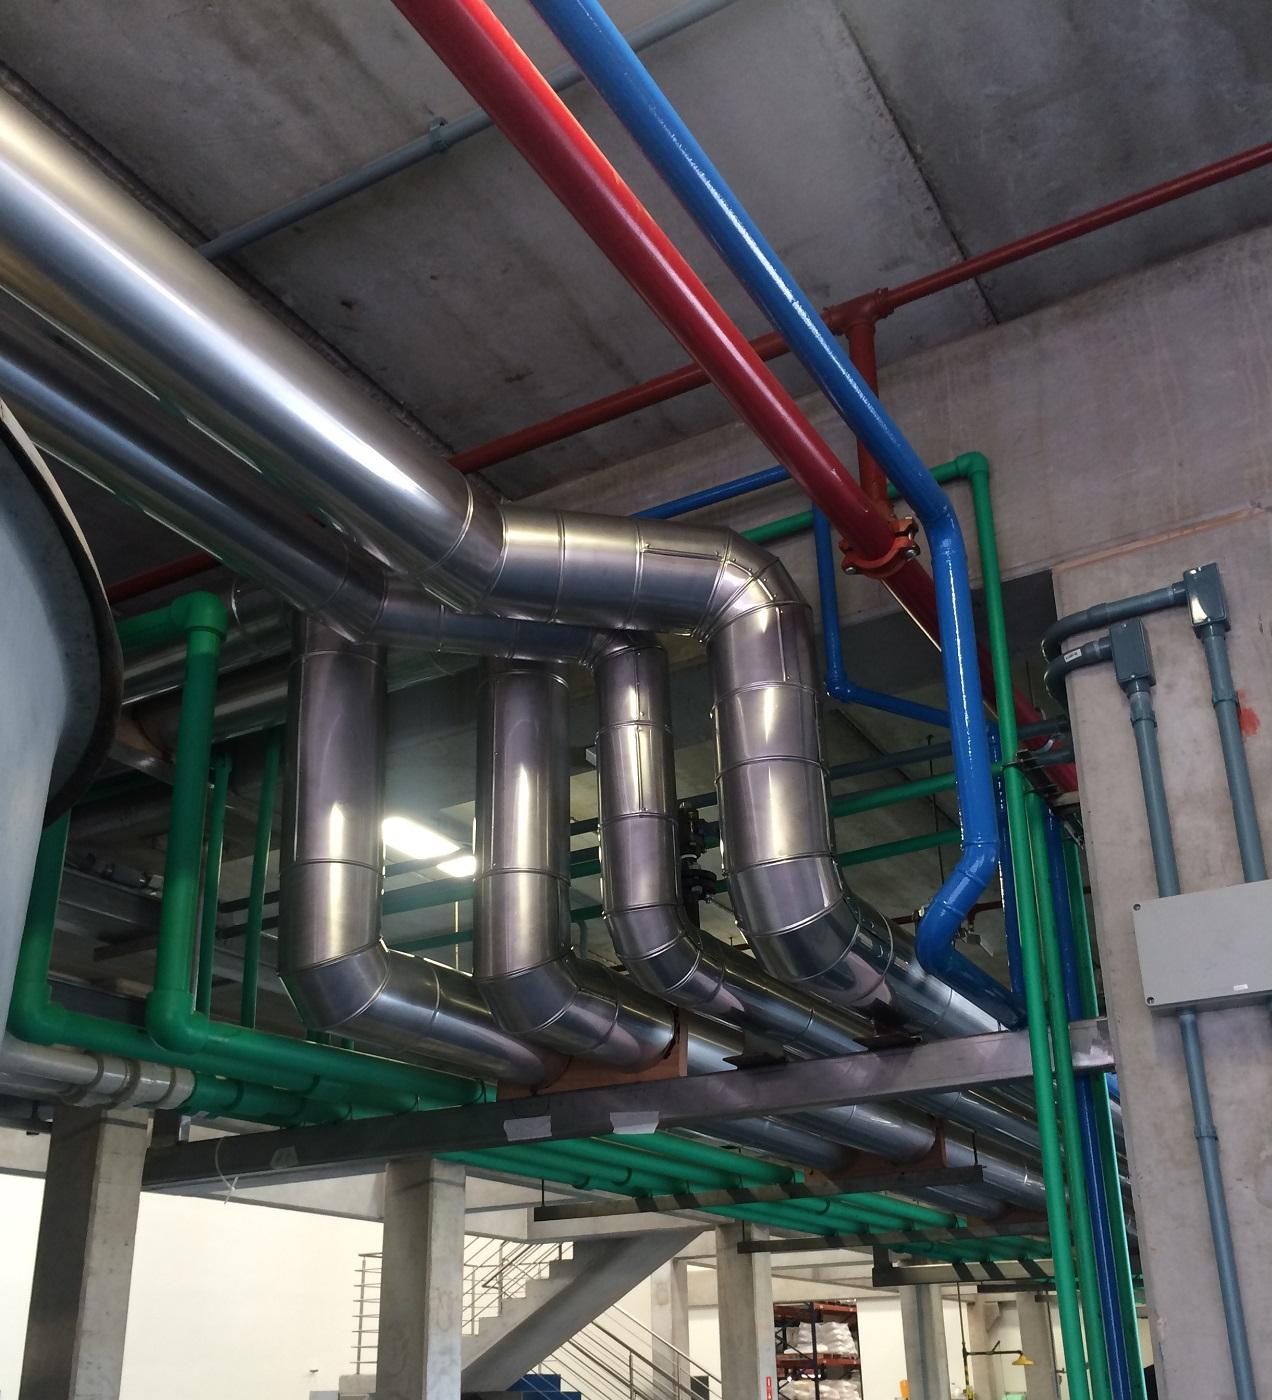 Isolamento Termico de tubulação na Industria